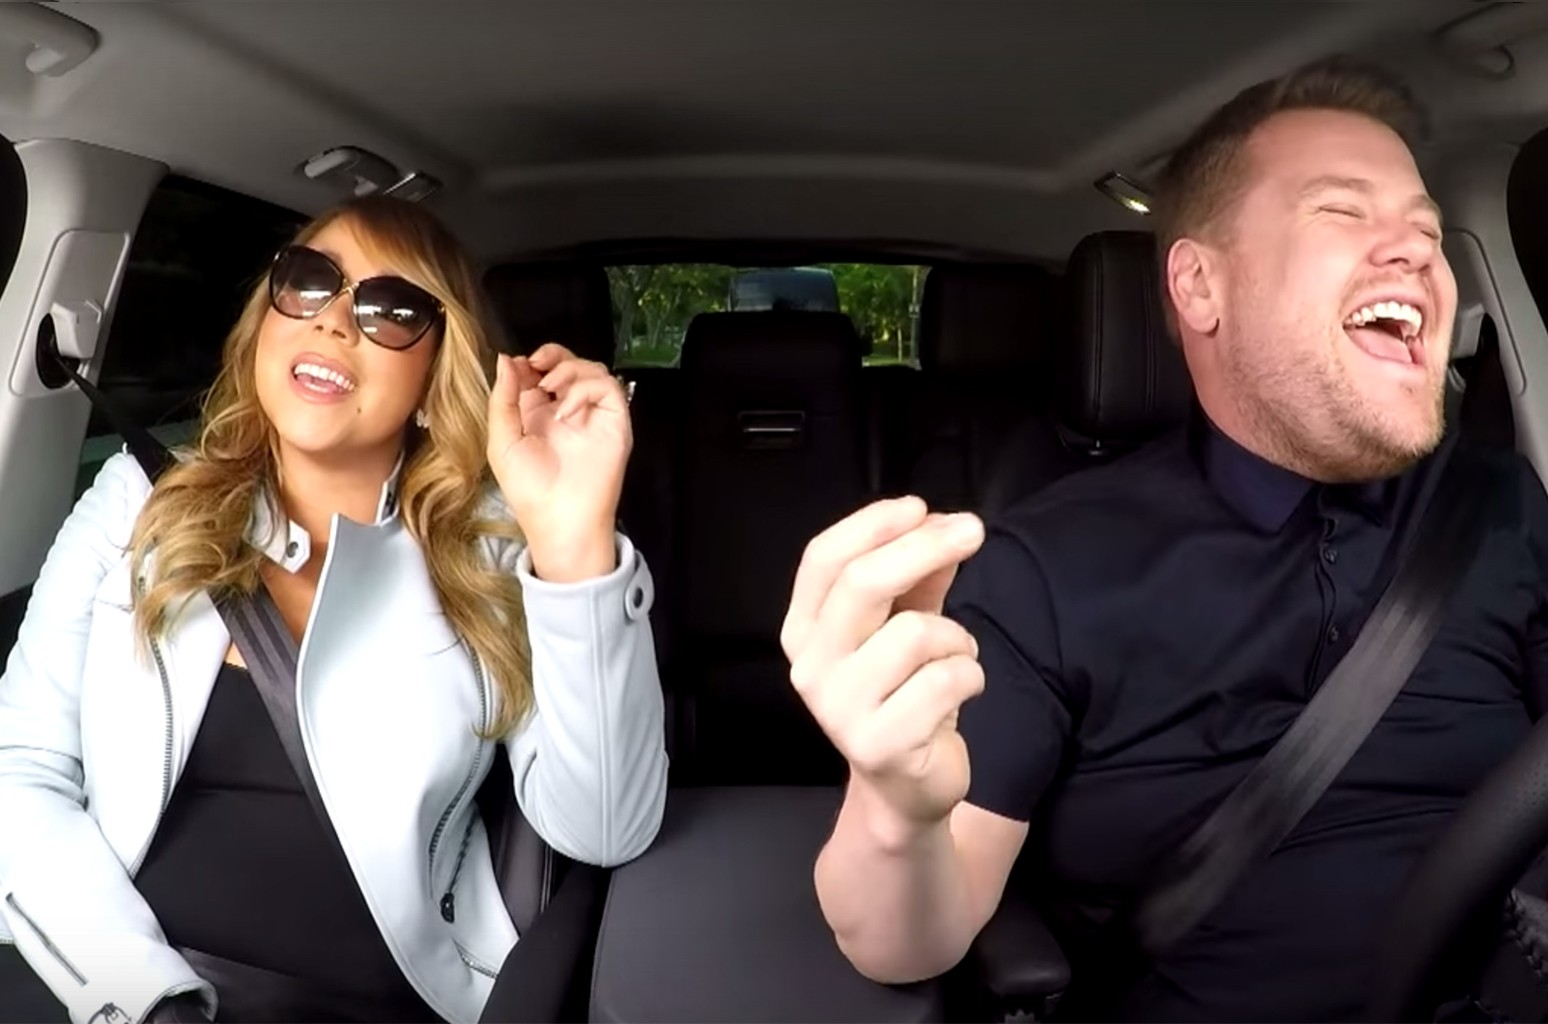 Mariah Carey and James Corden during Carpool Karaoke